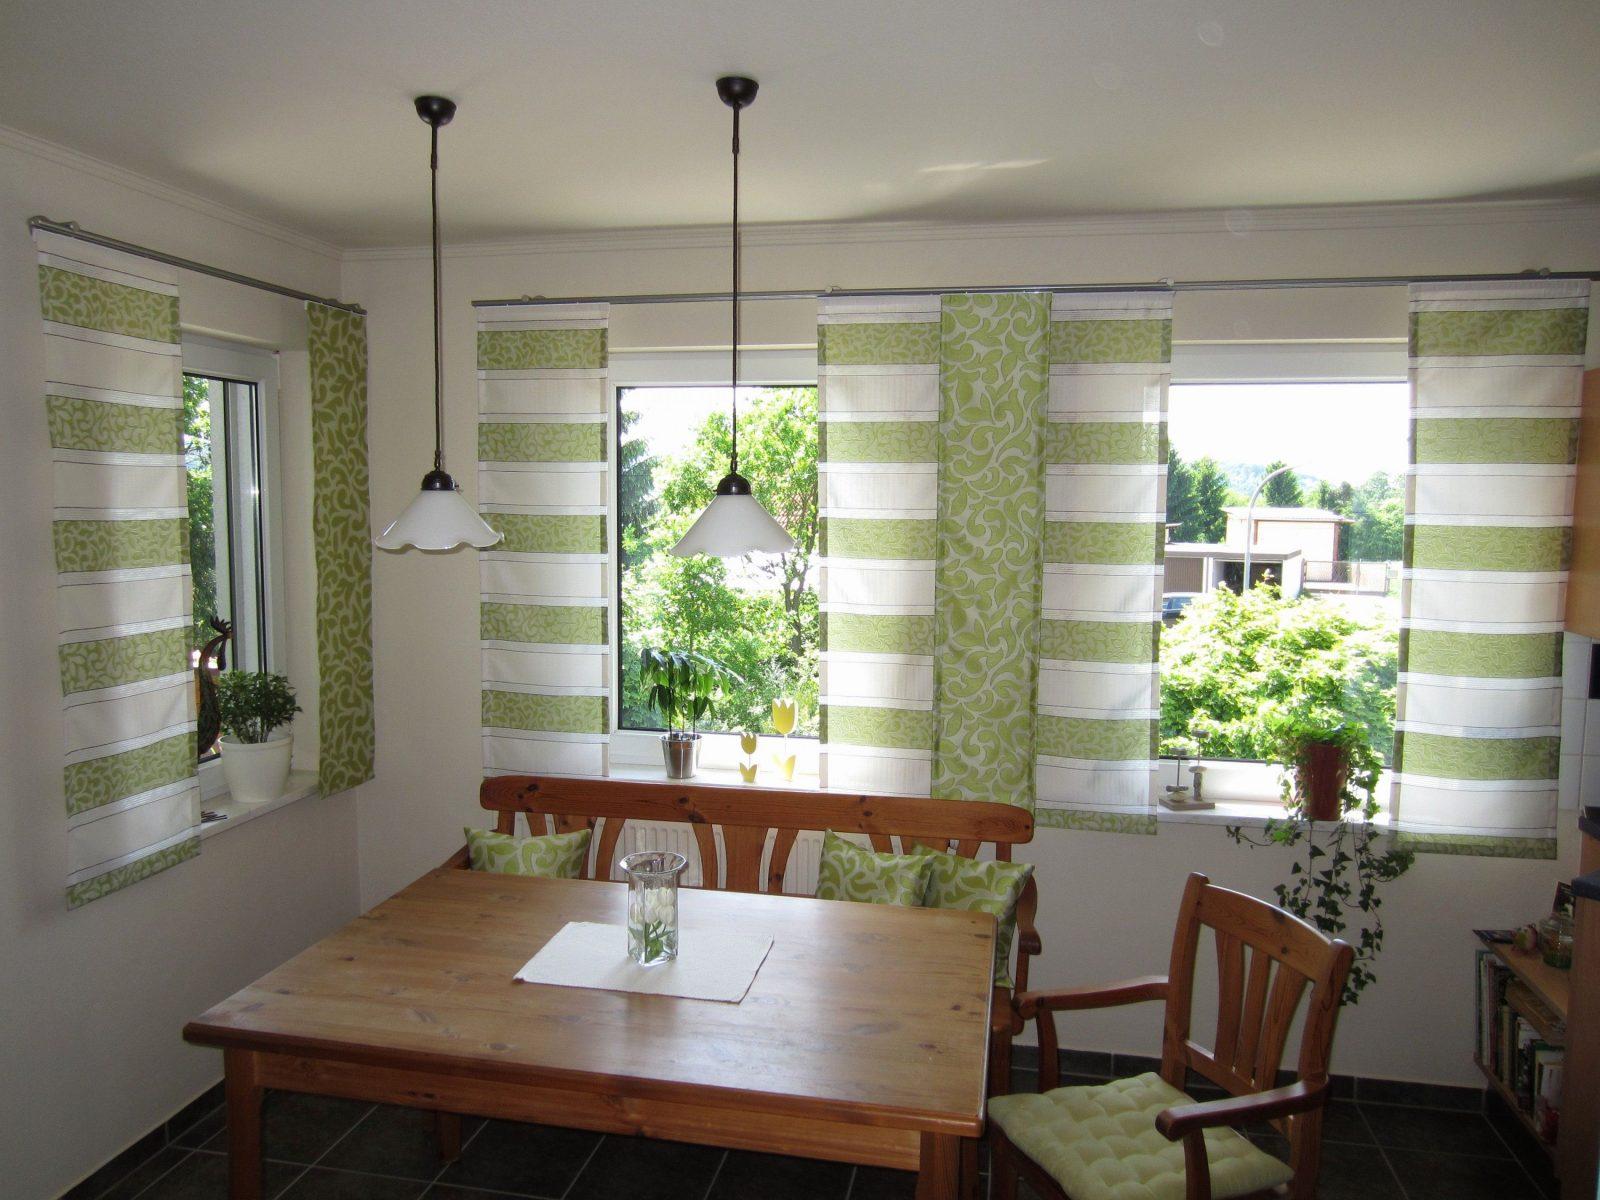 Moderne Gardinen Für Kleine Fenster Luxus Vorhänge Für Küche Fenster von Moderne Gardinen Für Küchenfenster Bild